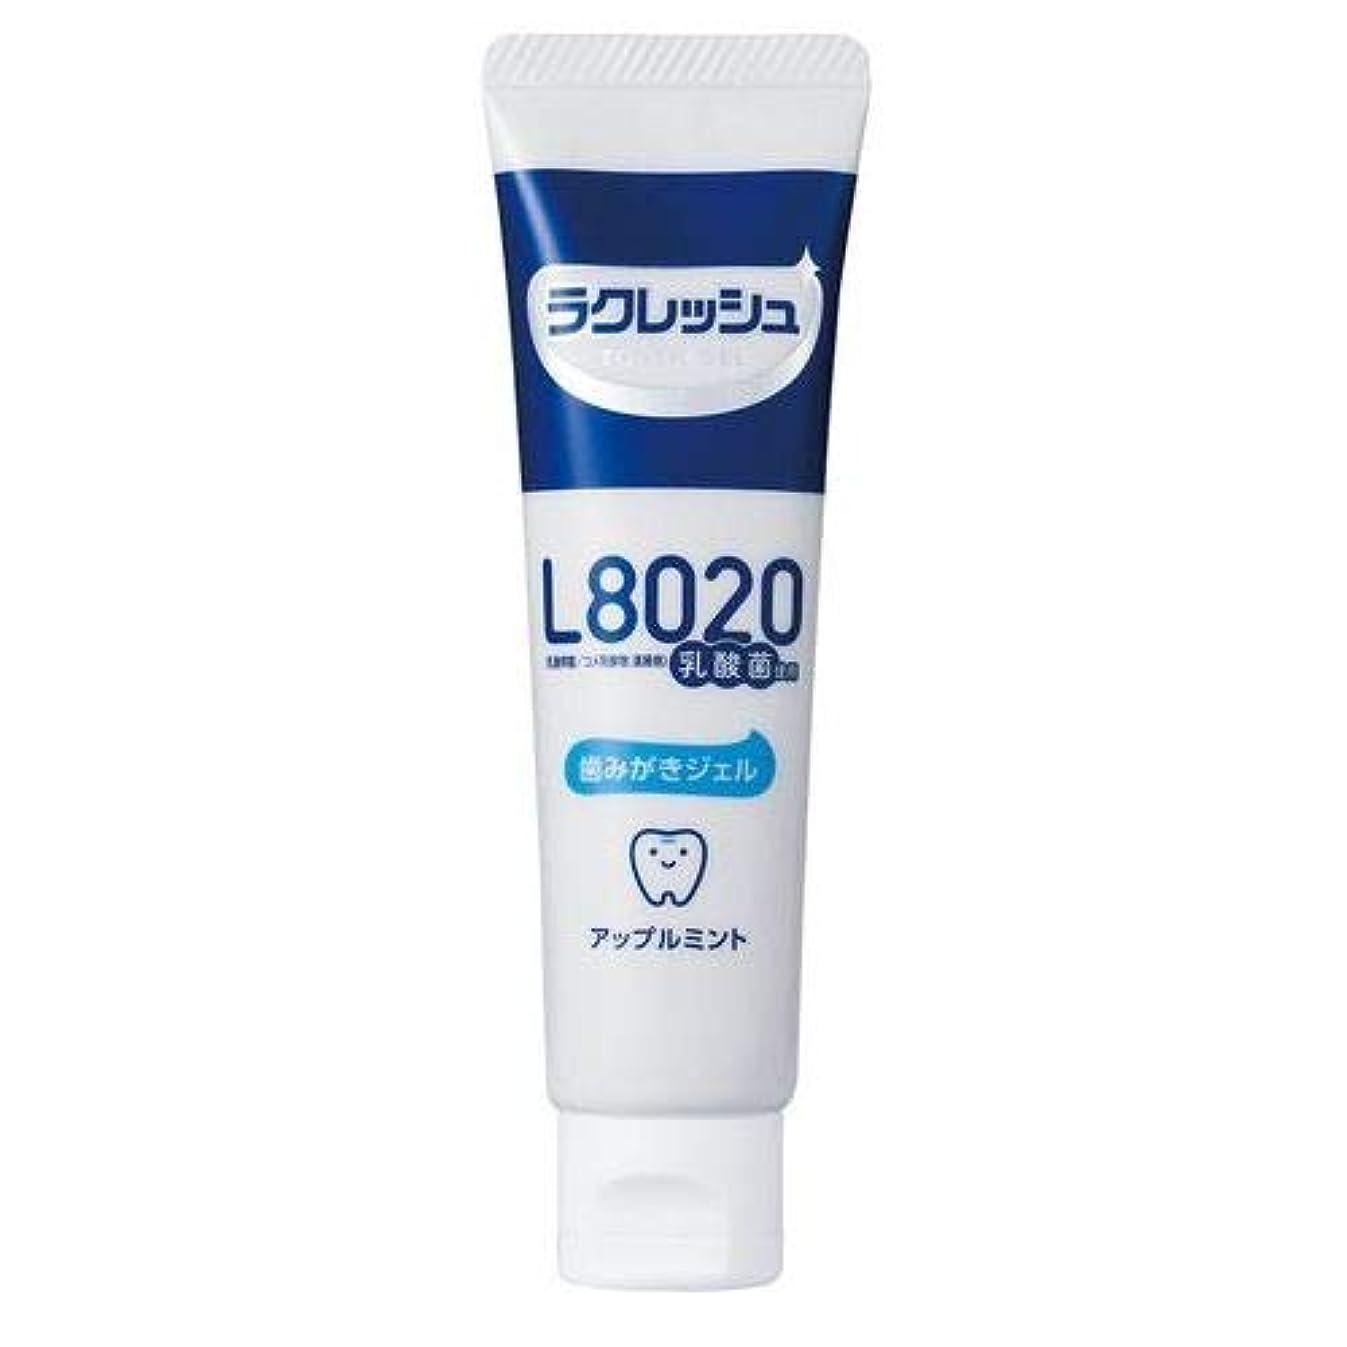 米ドルラッシュ先駆者【50個セット】L8020乳酸菌 ラクレッシュ 歯みがきジェル 994918